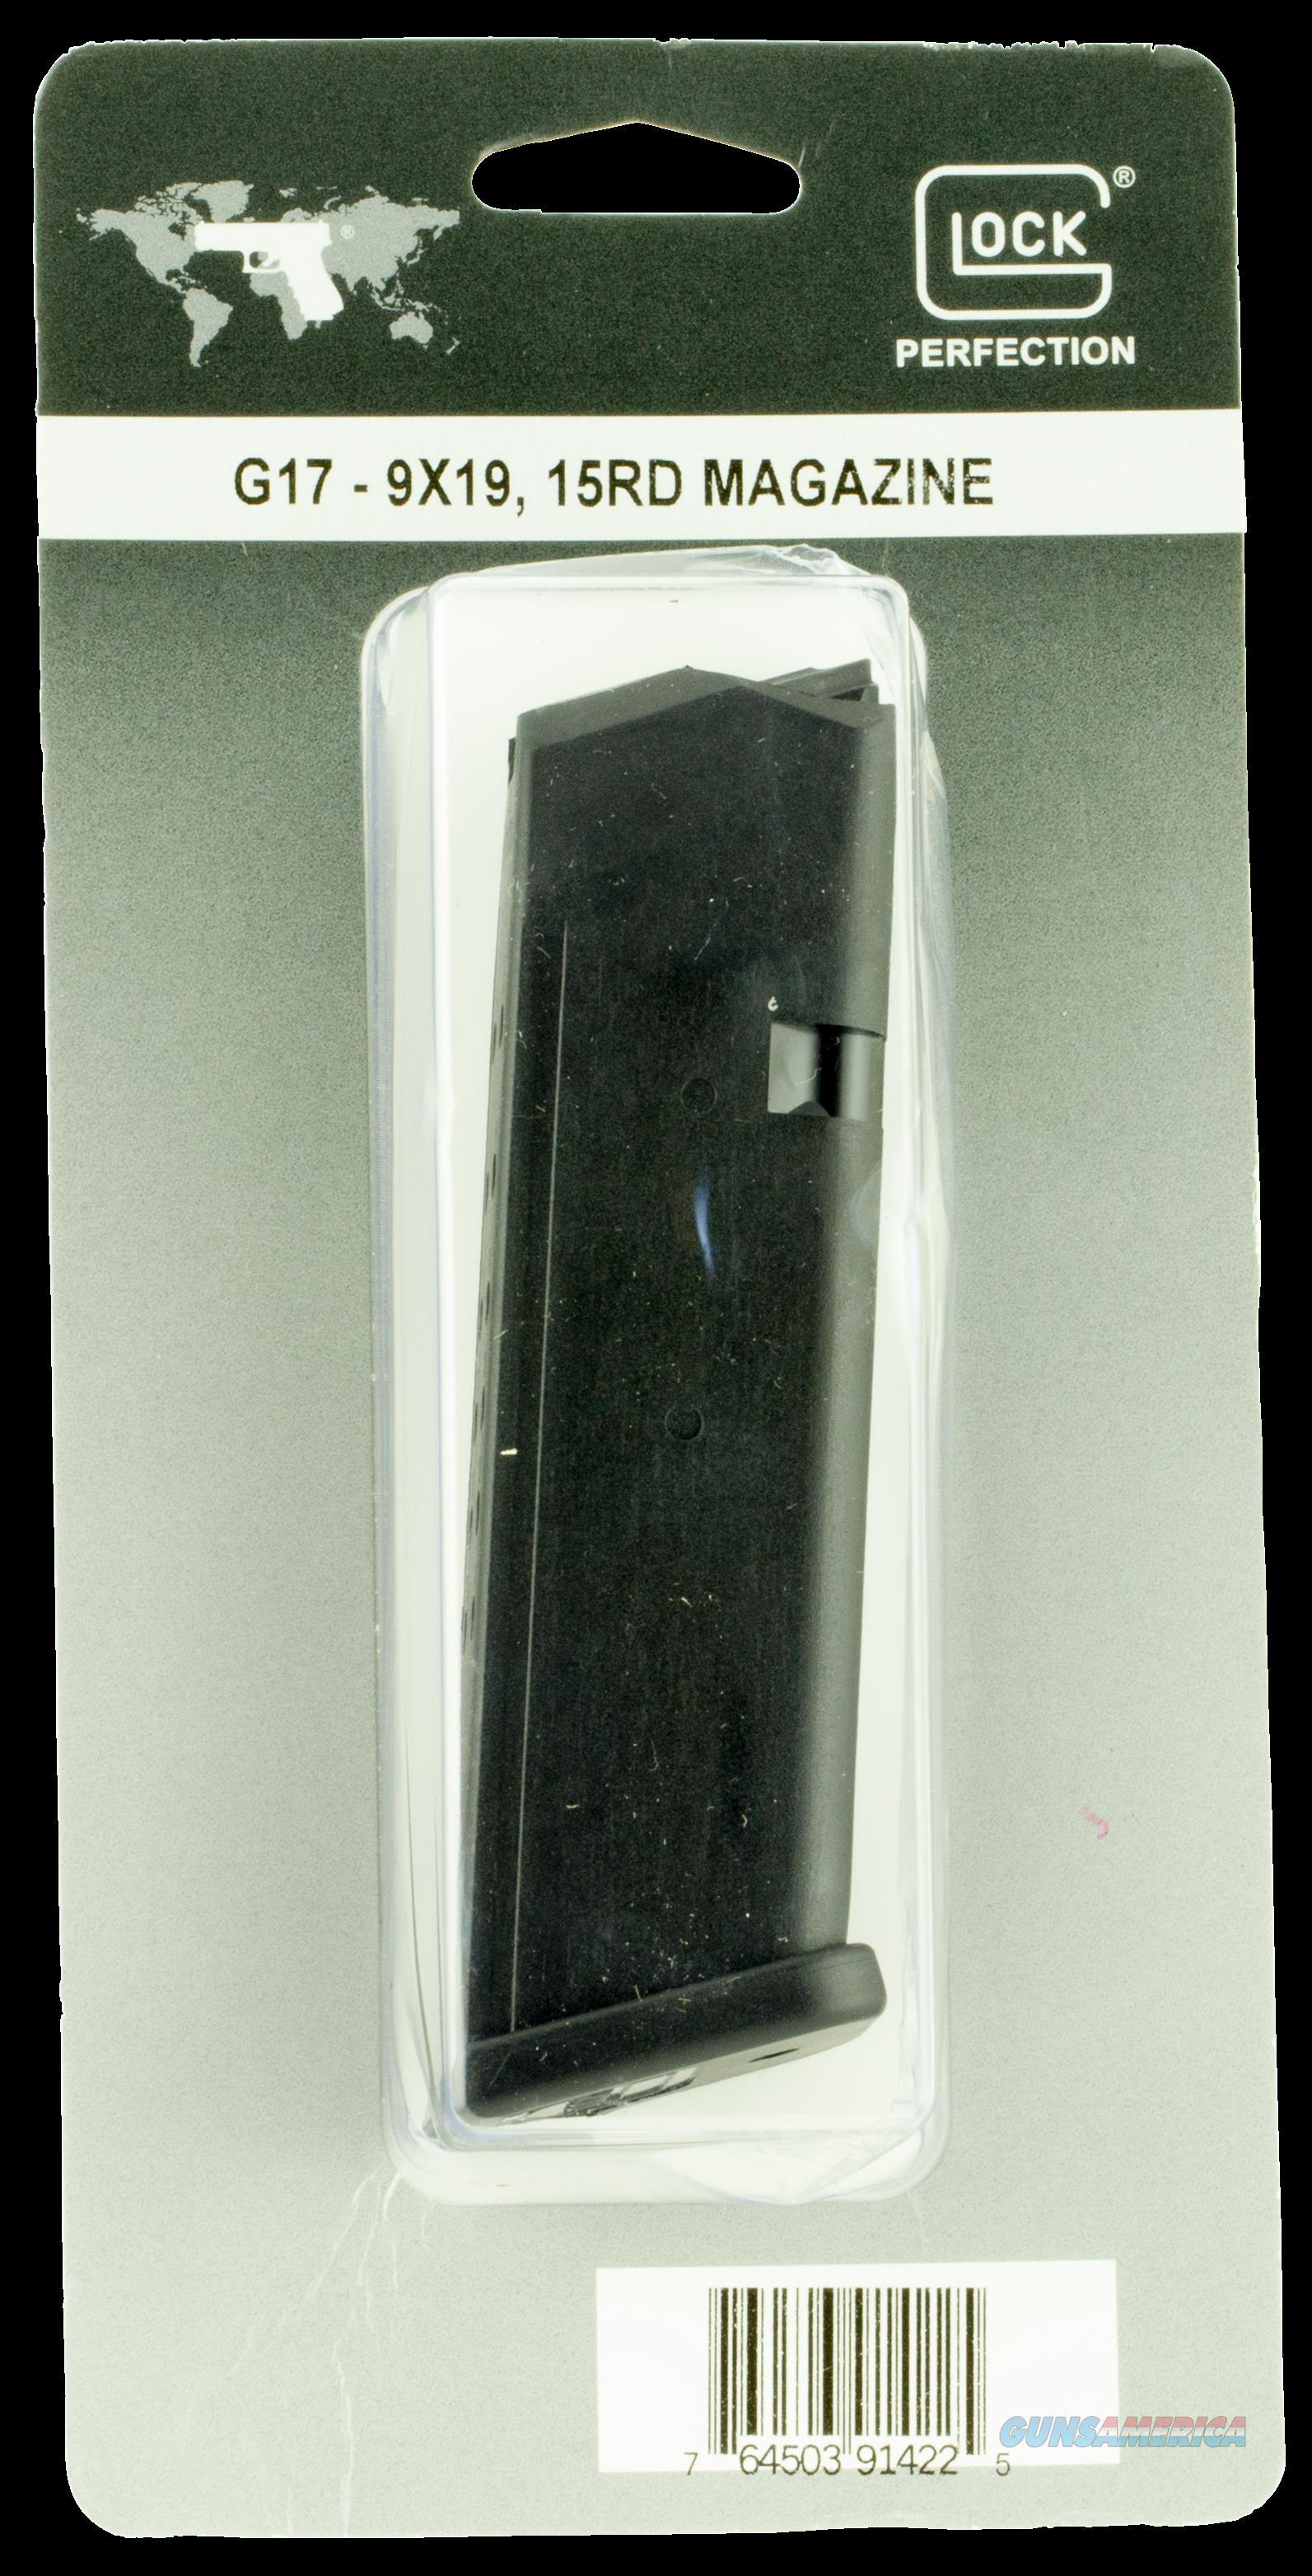 Glock G17, Glock Mf17015b Mag G17 W-blk  9mm  15r Pkg  Guns > Pistols > 1911 Pistol Copies (non-Colt)